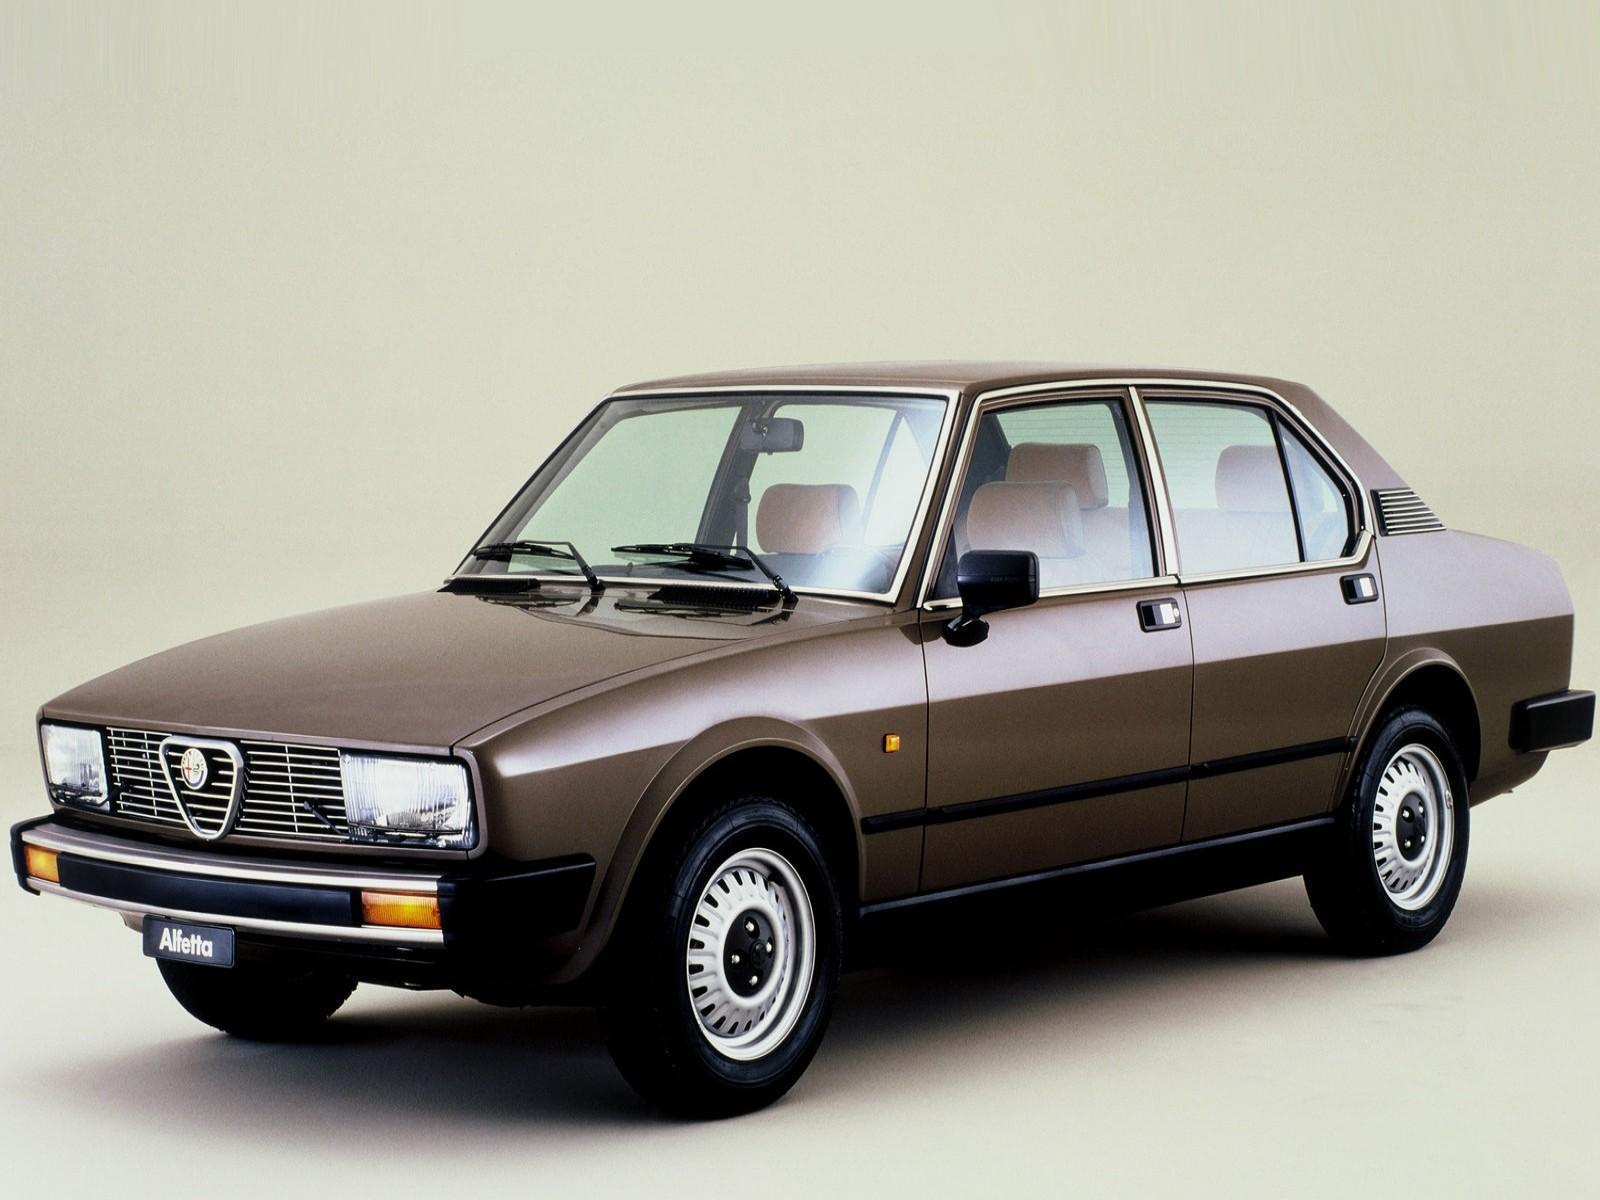 1982 Alfa Romeo Alfetta 2.0